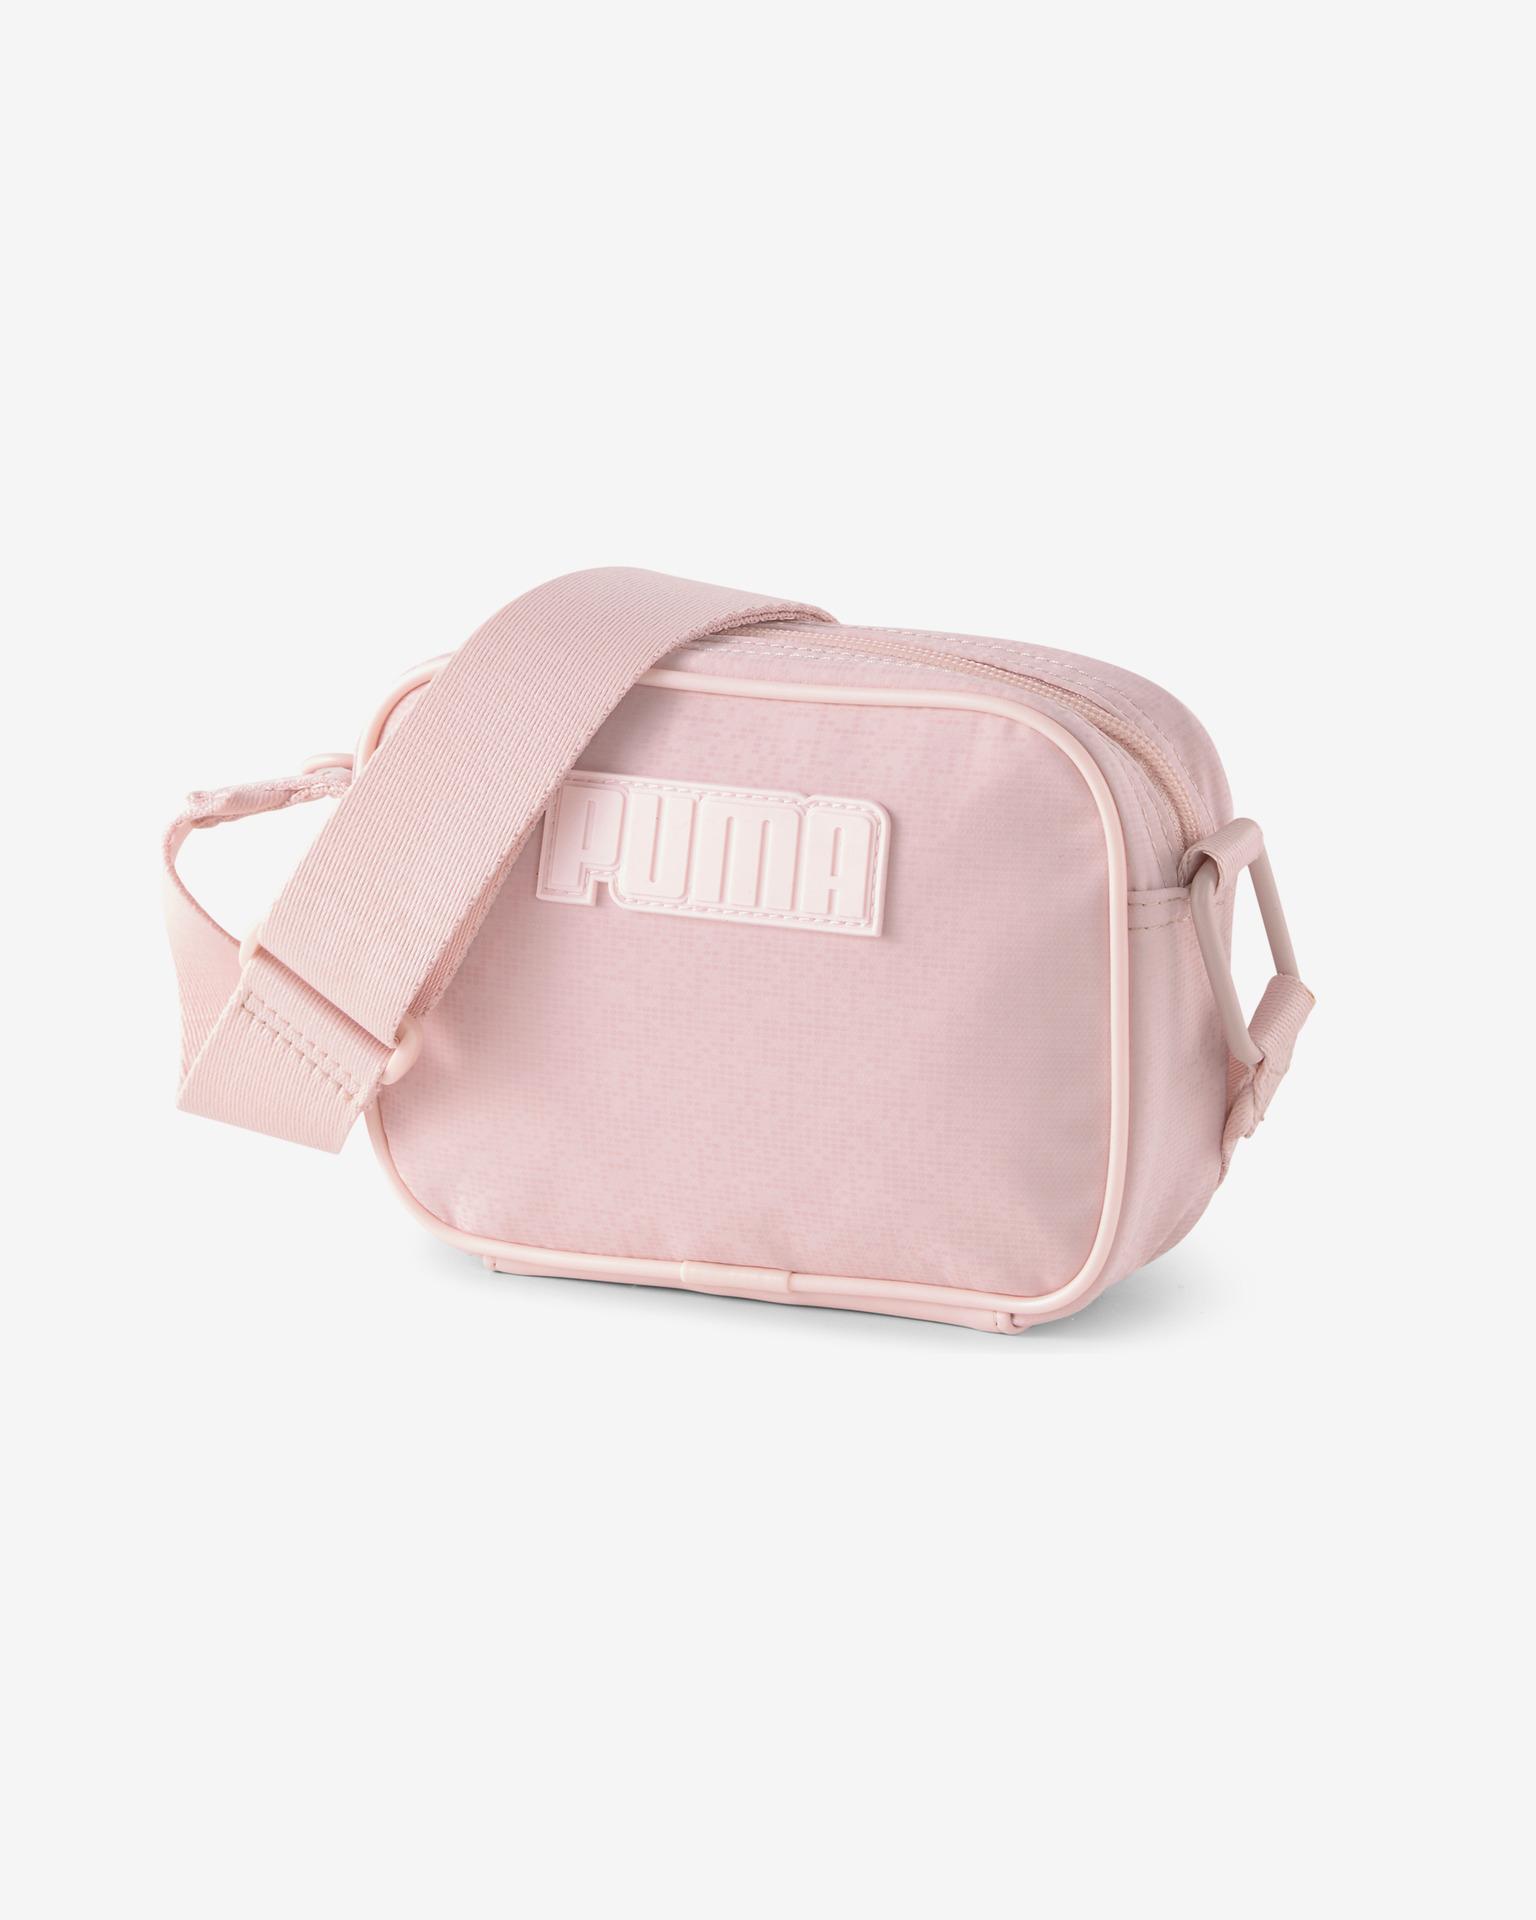 Puma Prime Time Cross body bag Růžová